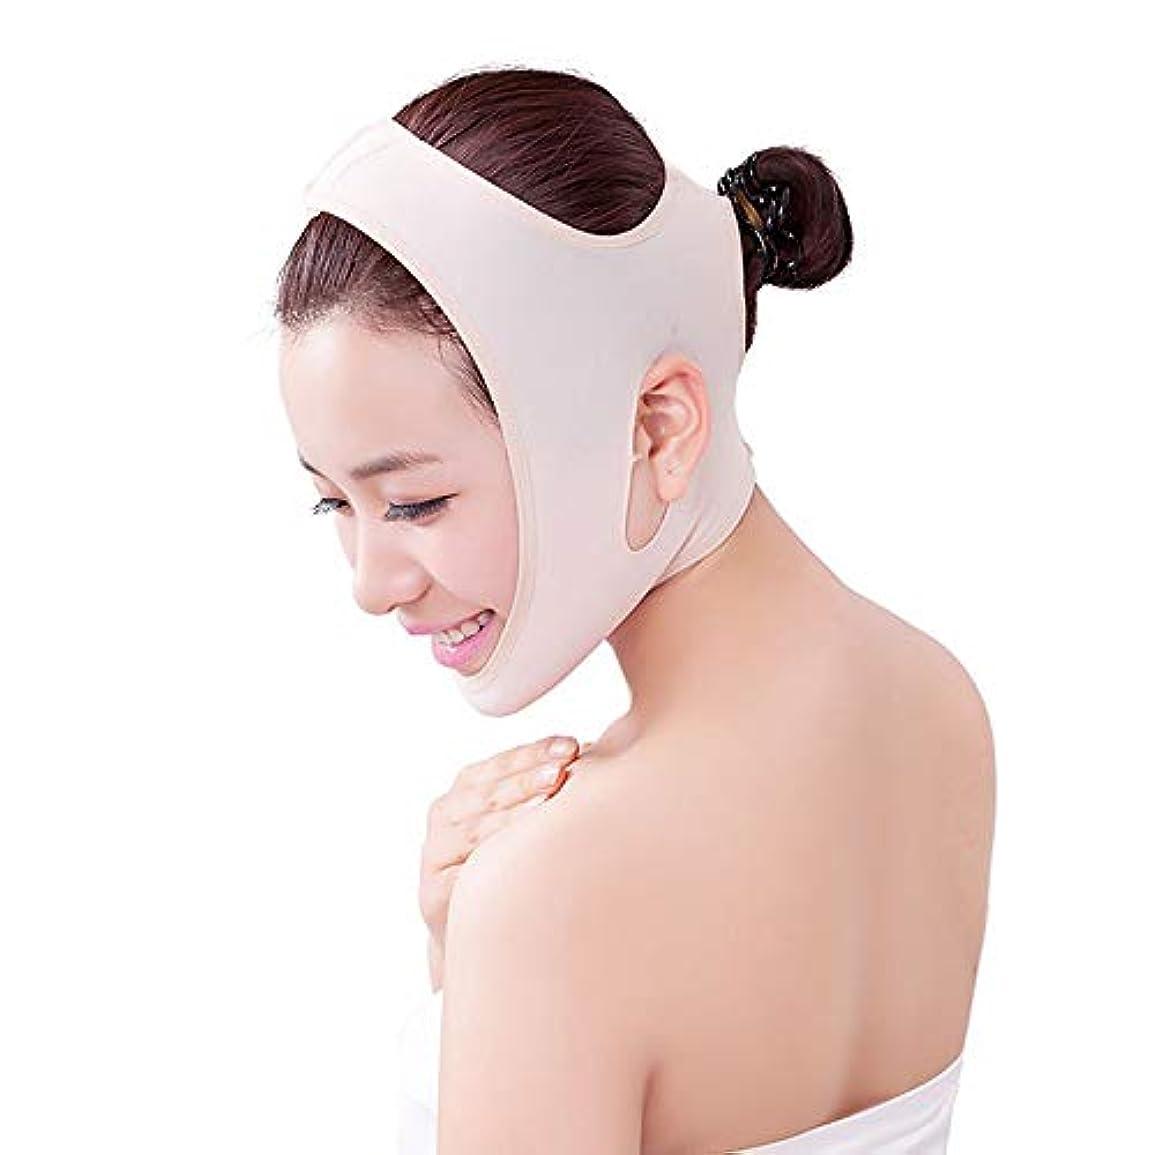 暗唱する香り以前はMinmin 顔の持ち上がる痩身ベルト - アンチエイジングリンクルフェイスマスクベルトあなたの顔のためのすばらしい試し二重あごの試し みんみんVラインフェイスマスク (Size : L)